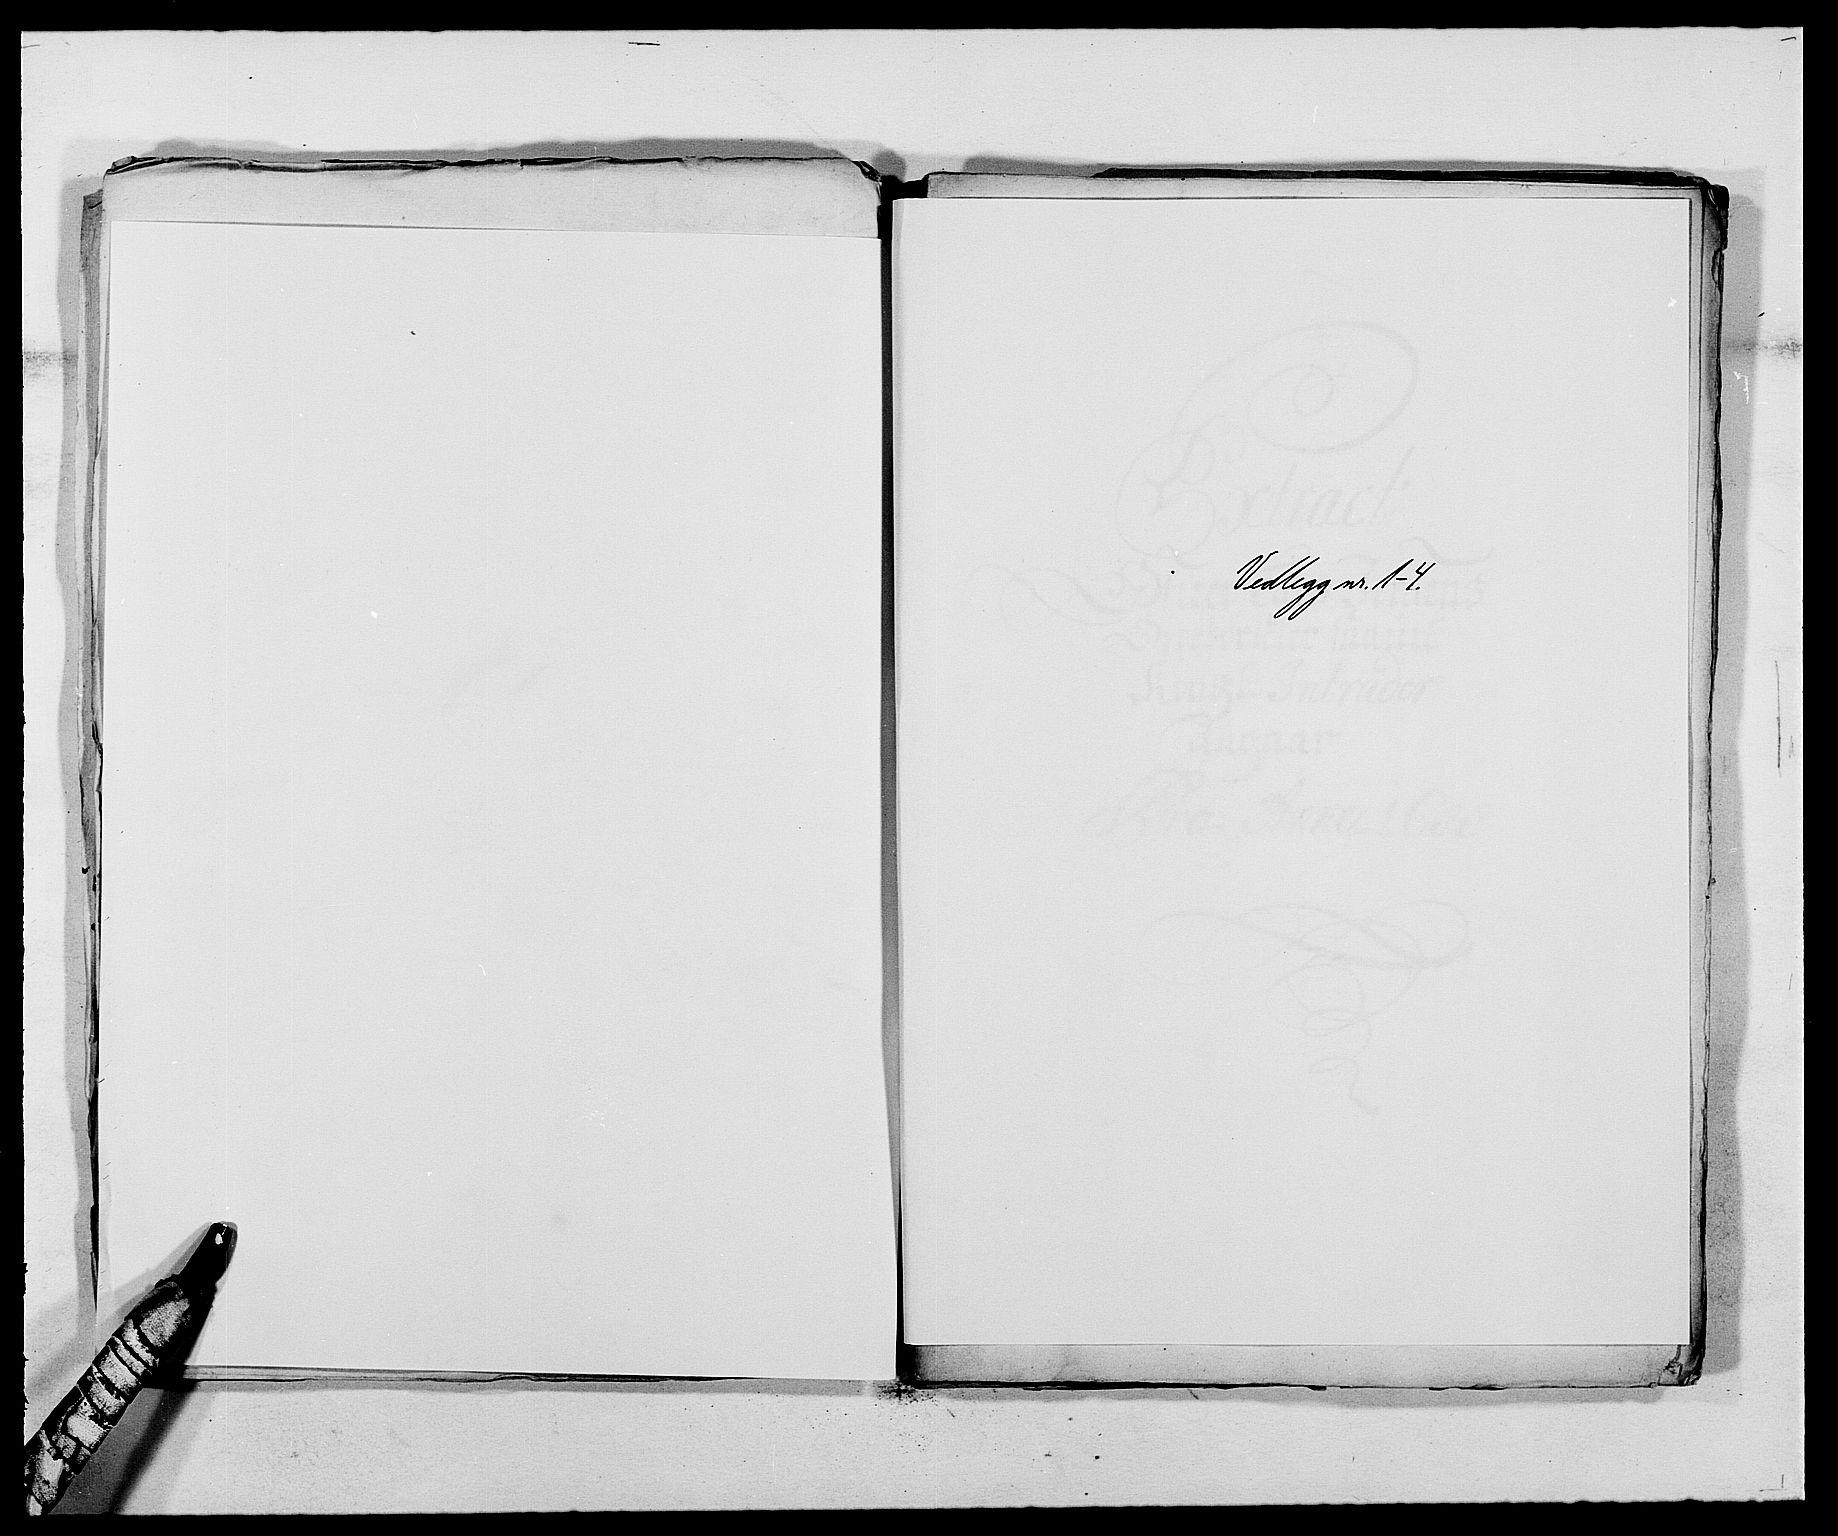 RA, Rentekammeret inntil 1814, Reviderte regnskaper, Fogderegnskap, R59/L3939: Fogderegnskap Gauldal, 1687-1688, s. 304